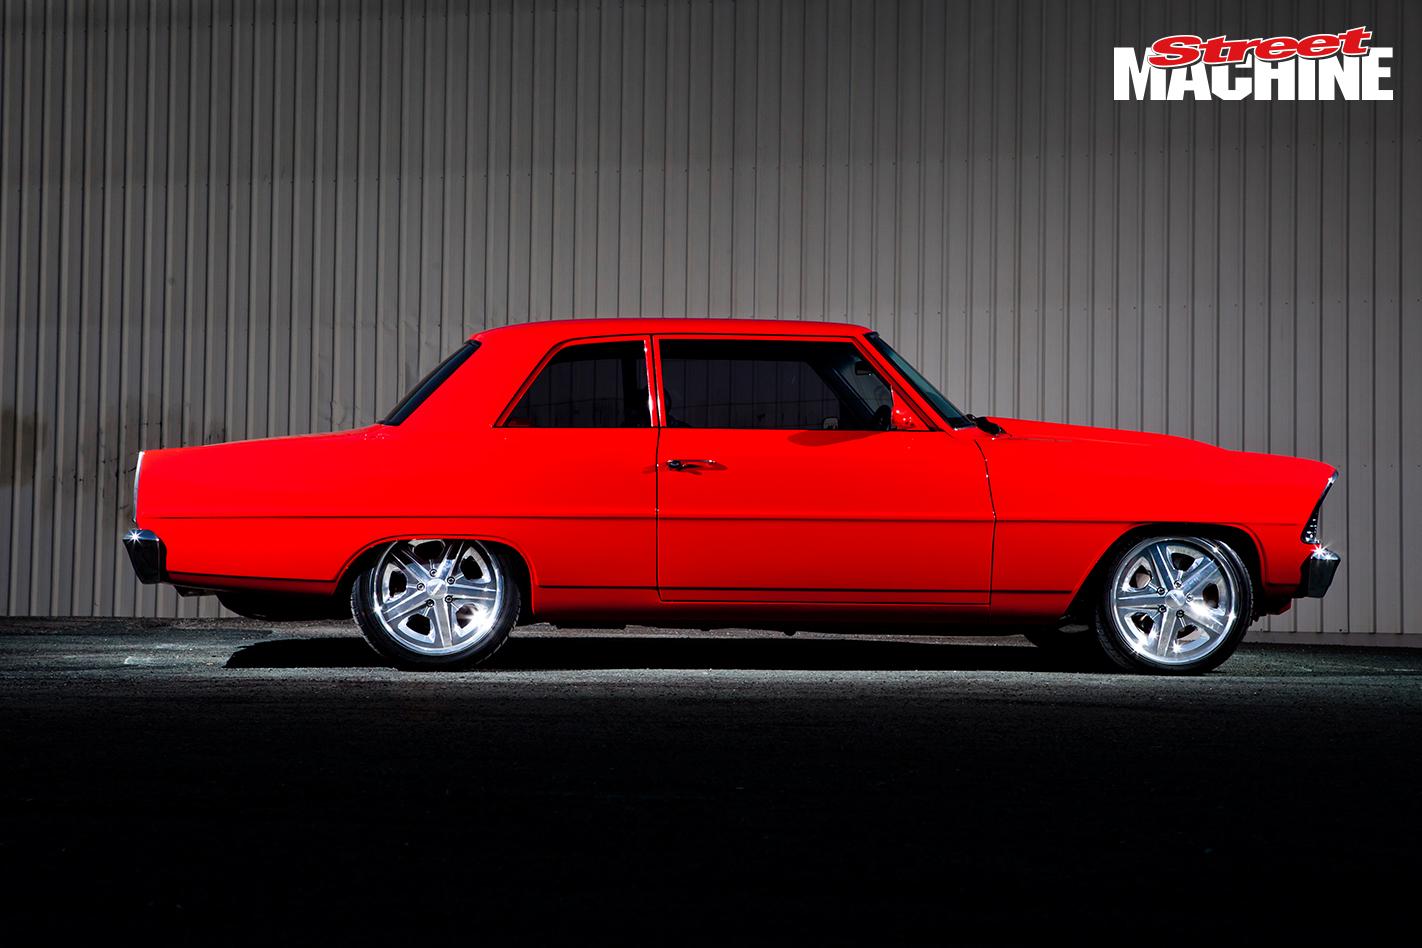 67 Chevy Nova Pro Tourring 4 Nw